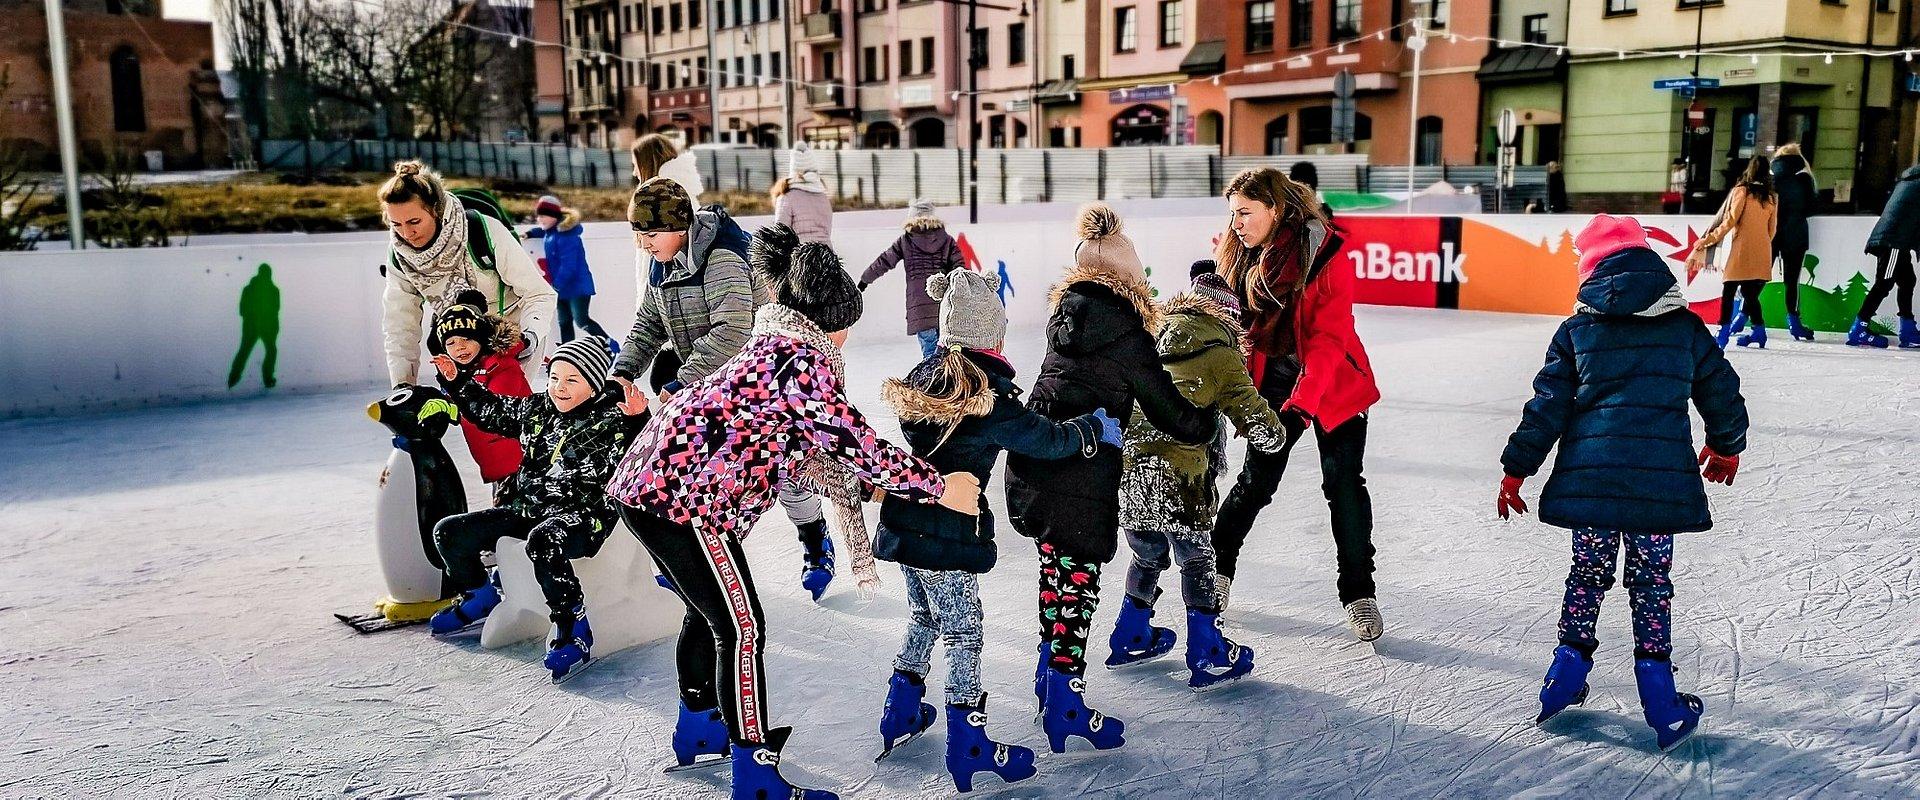 Zima w mieście – darmowe lodowisko od mBanku!